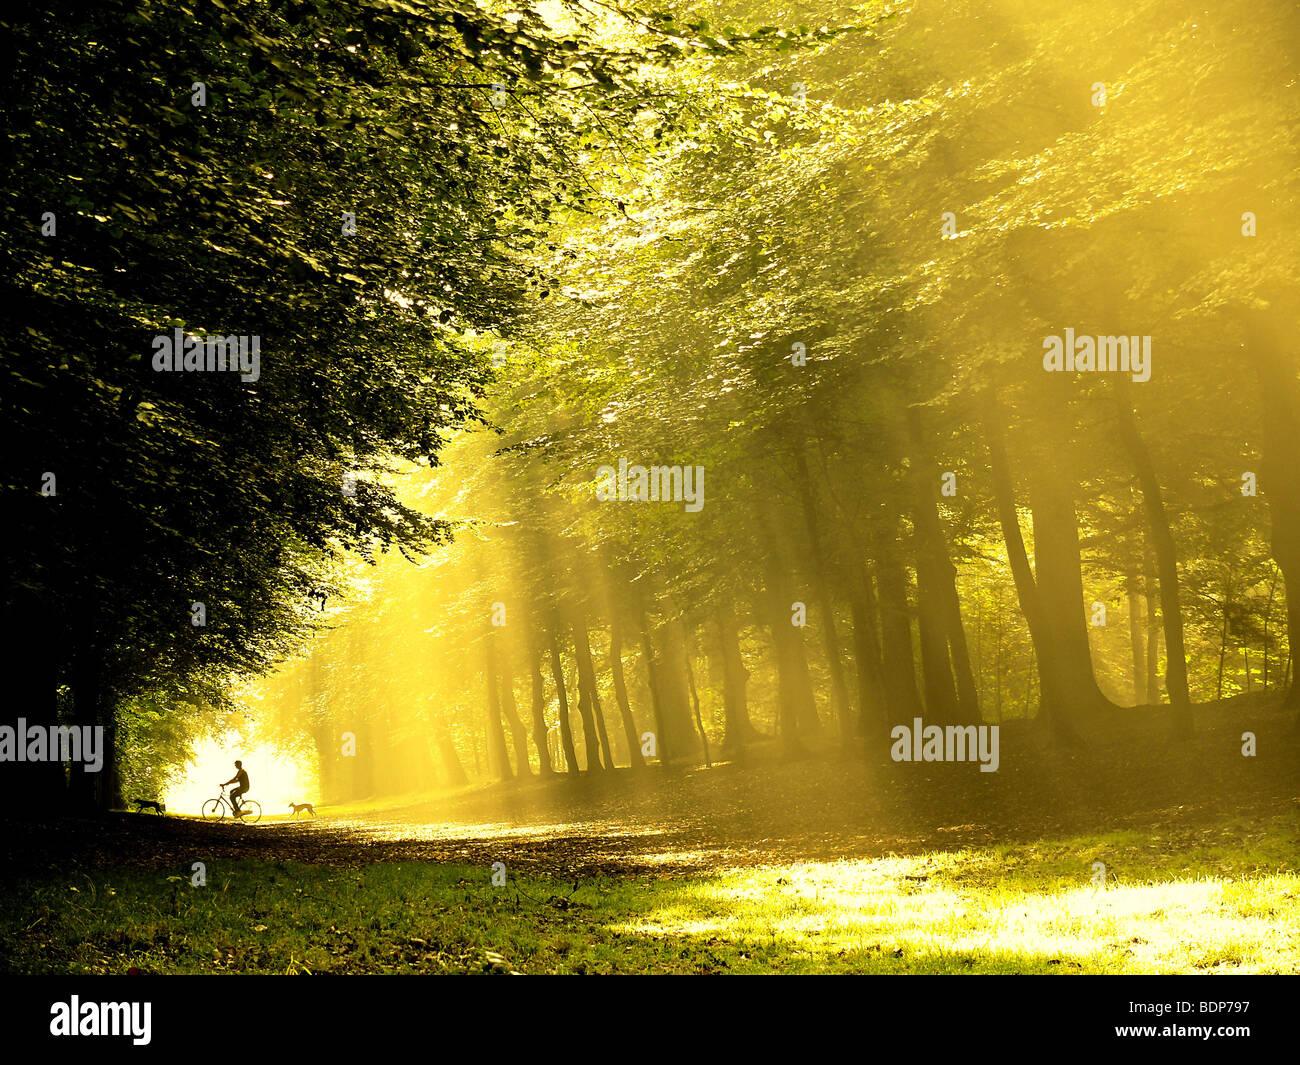 Ein einsamer Radfahrer mit Hunden im Wald mit starken Sonnenlicht auf dem Weg Stockbild